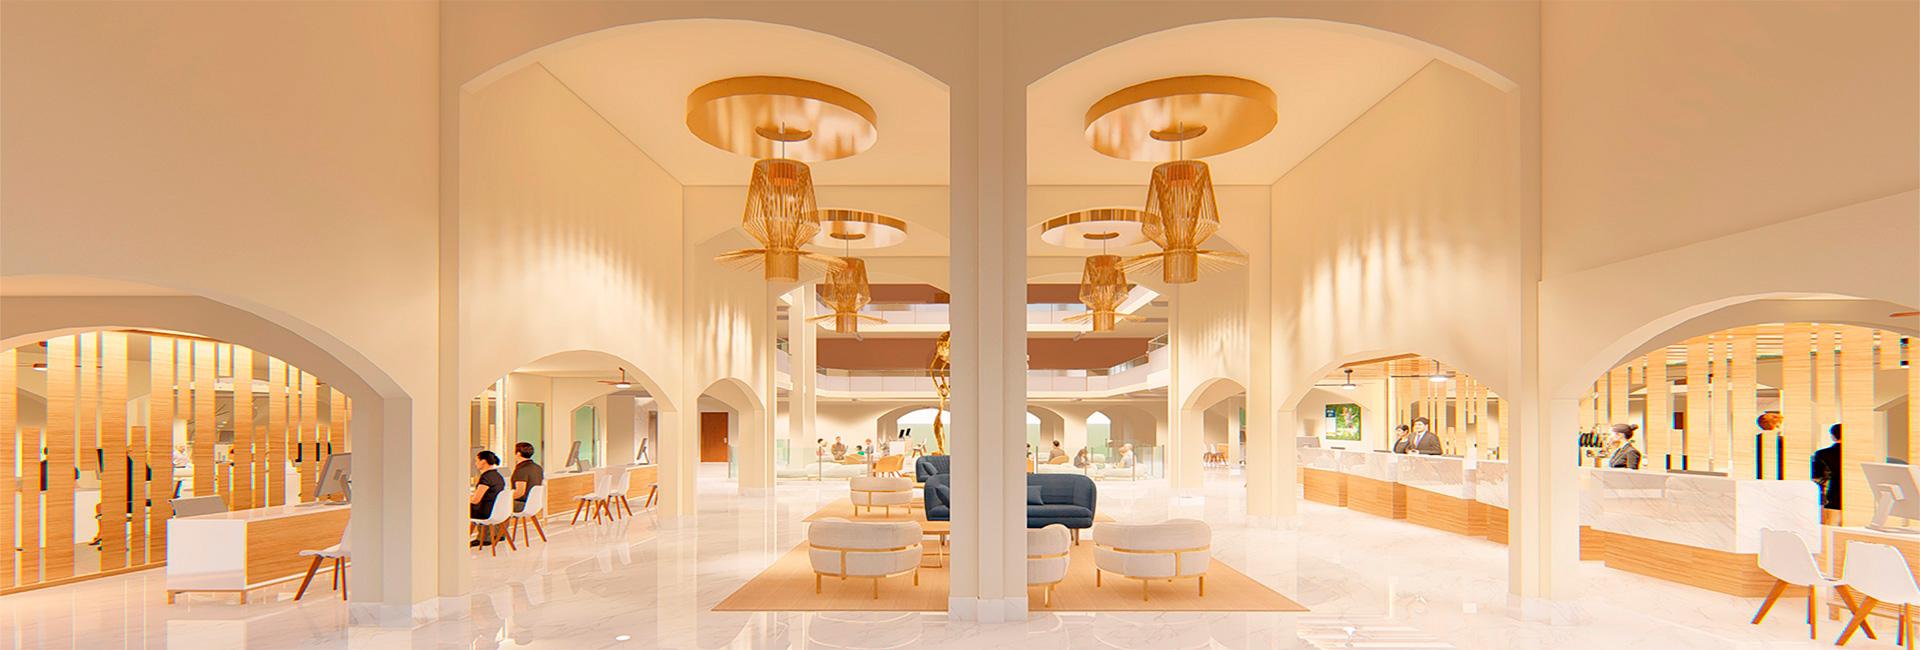 An inviting new look for the lobby   restaurant el patron at villa del palmar puerto vallarta 1920